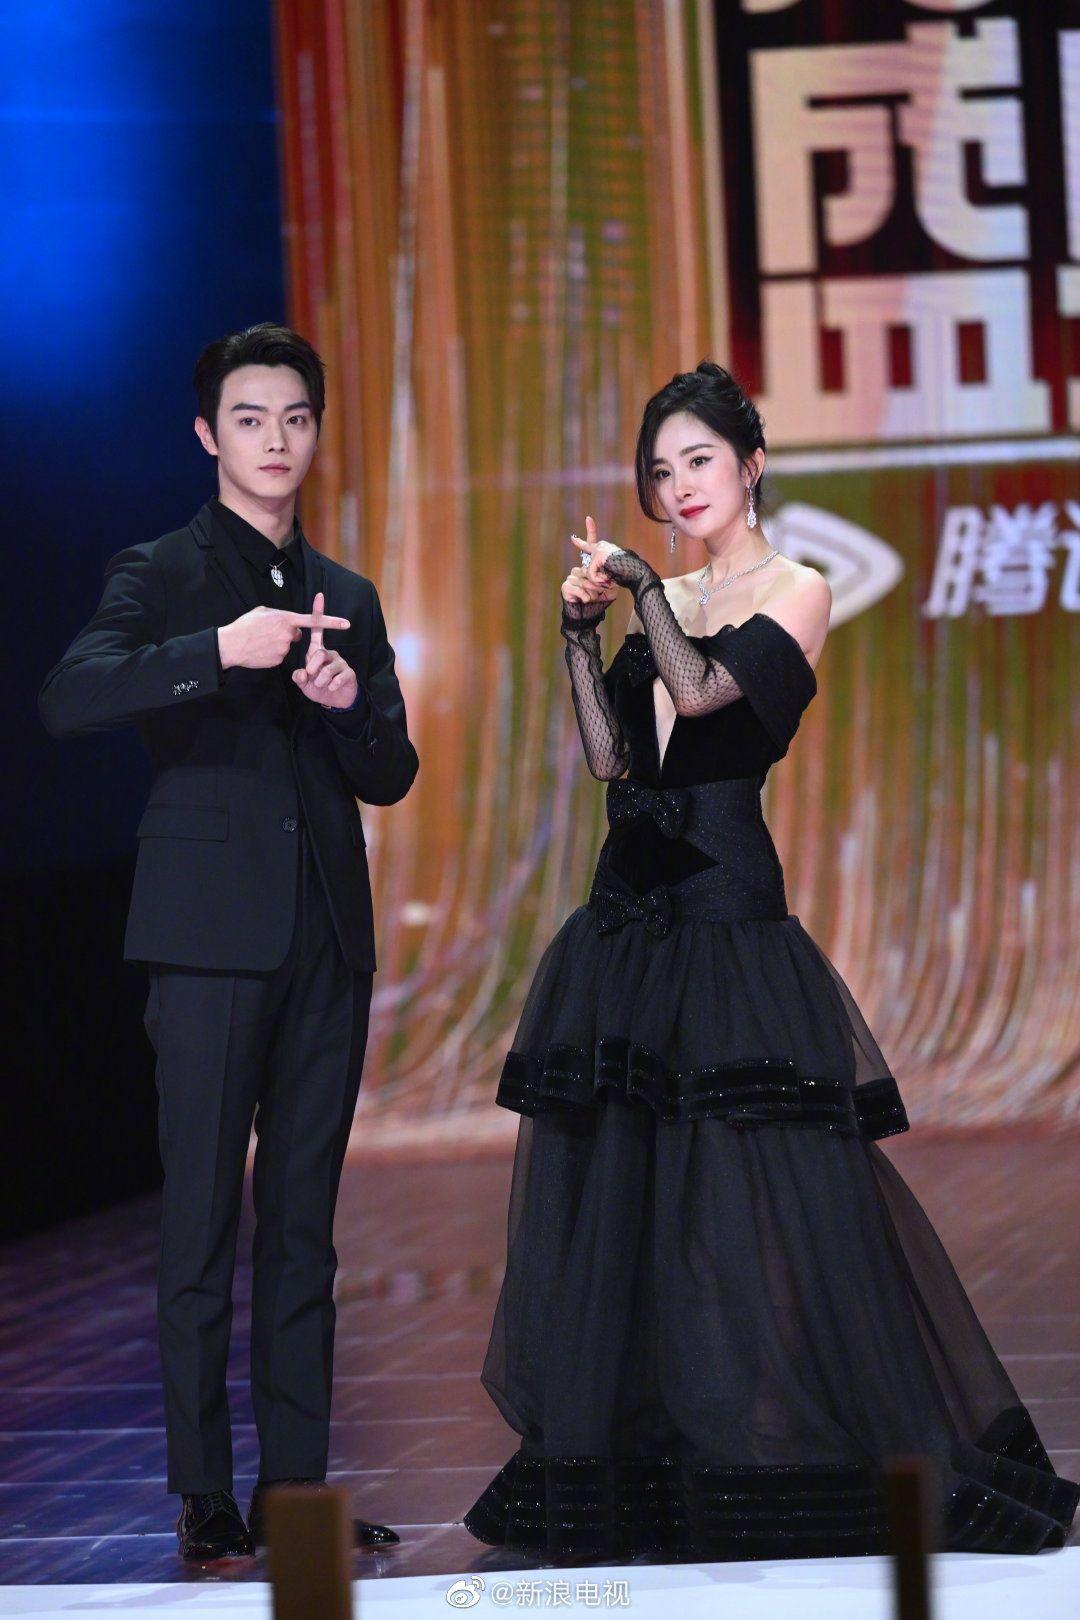 """Dương Mịch vừa dừ vừa bị dìm dáng """"cắt khúc"""" khi diện mẫu váy cắt xén táo bạo đi sự kiện - Ảnh 6."""